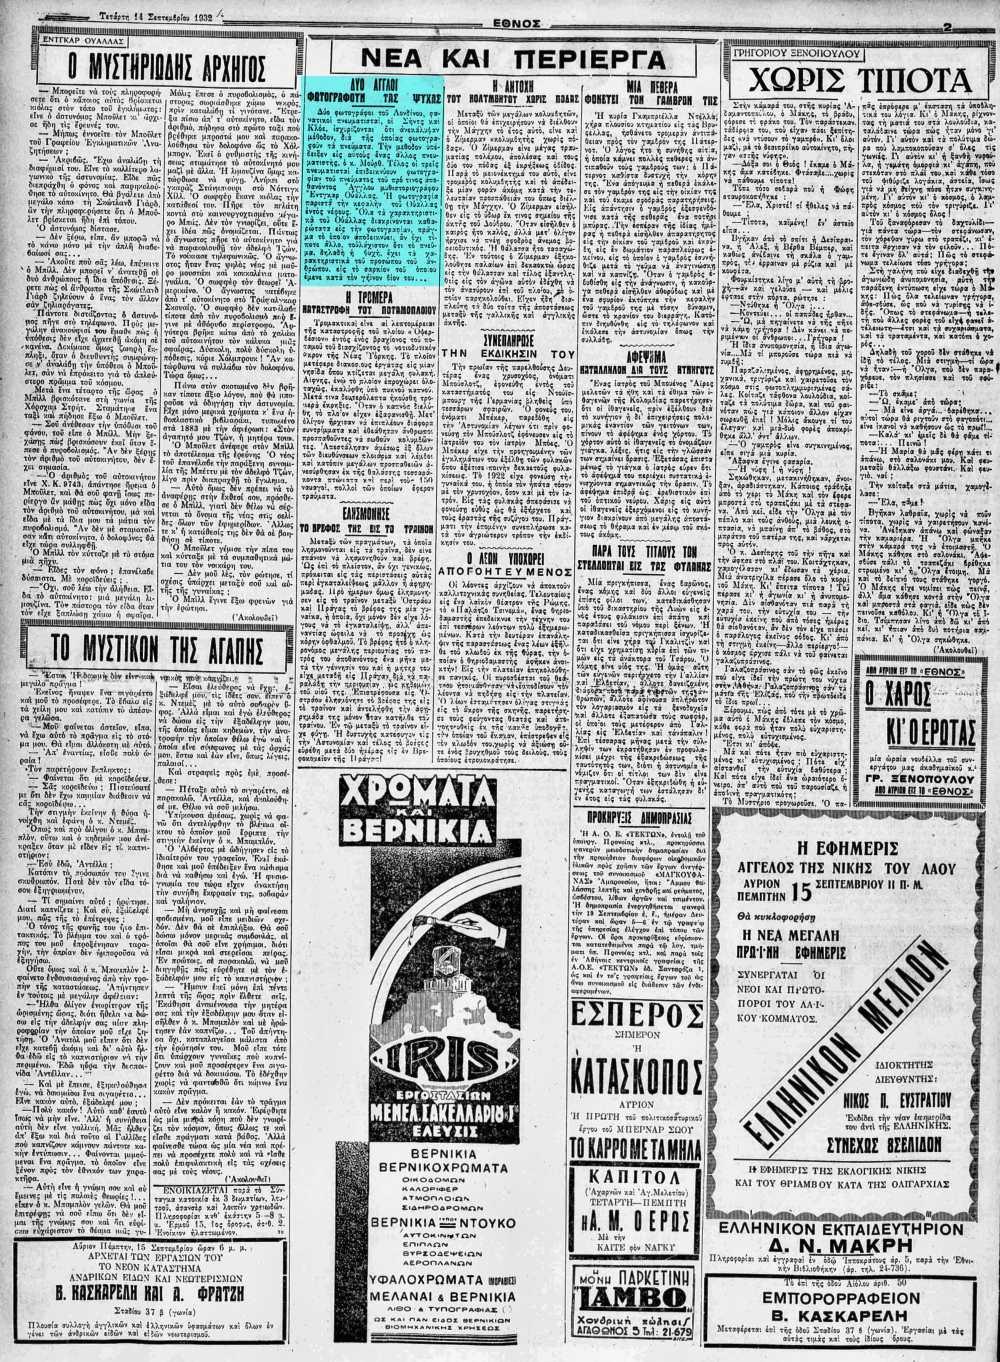 """Το άρθρο, όπως δημοσιεύθηκε στην εφημερίδα """"ΕΘΝΟΣ"""", στις 14/09/1932"""